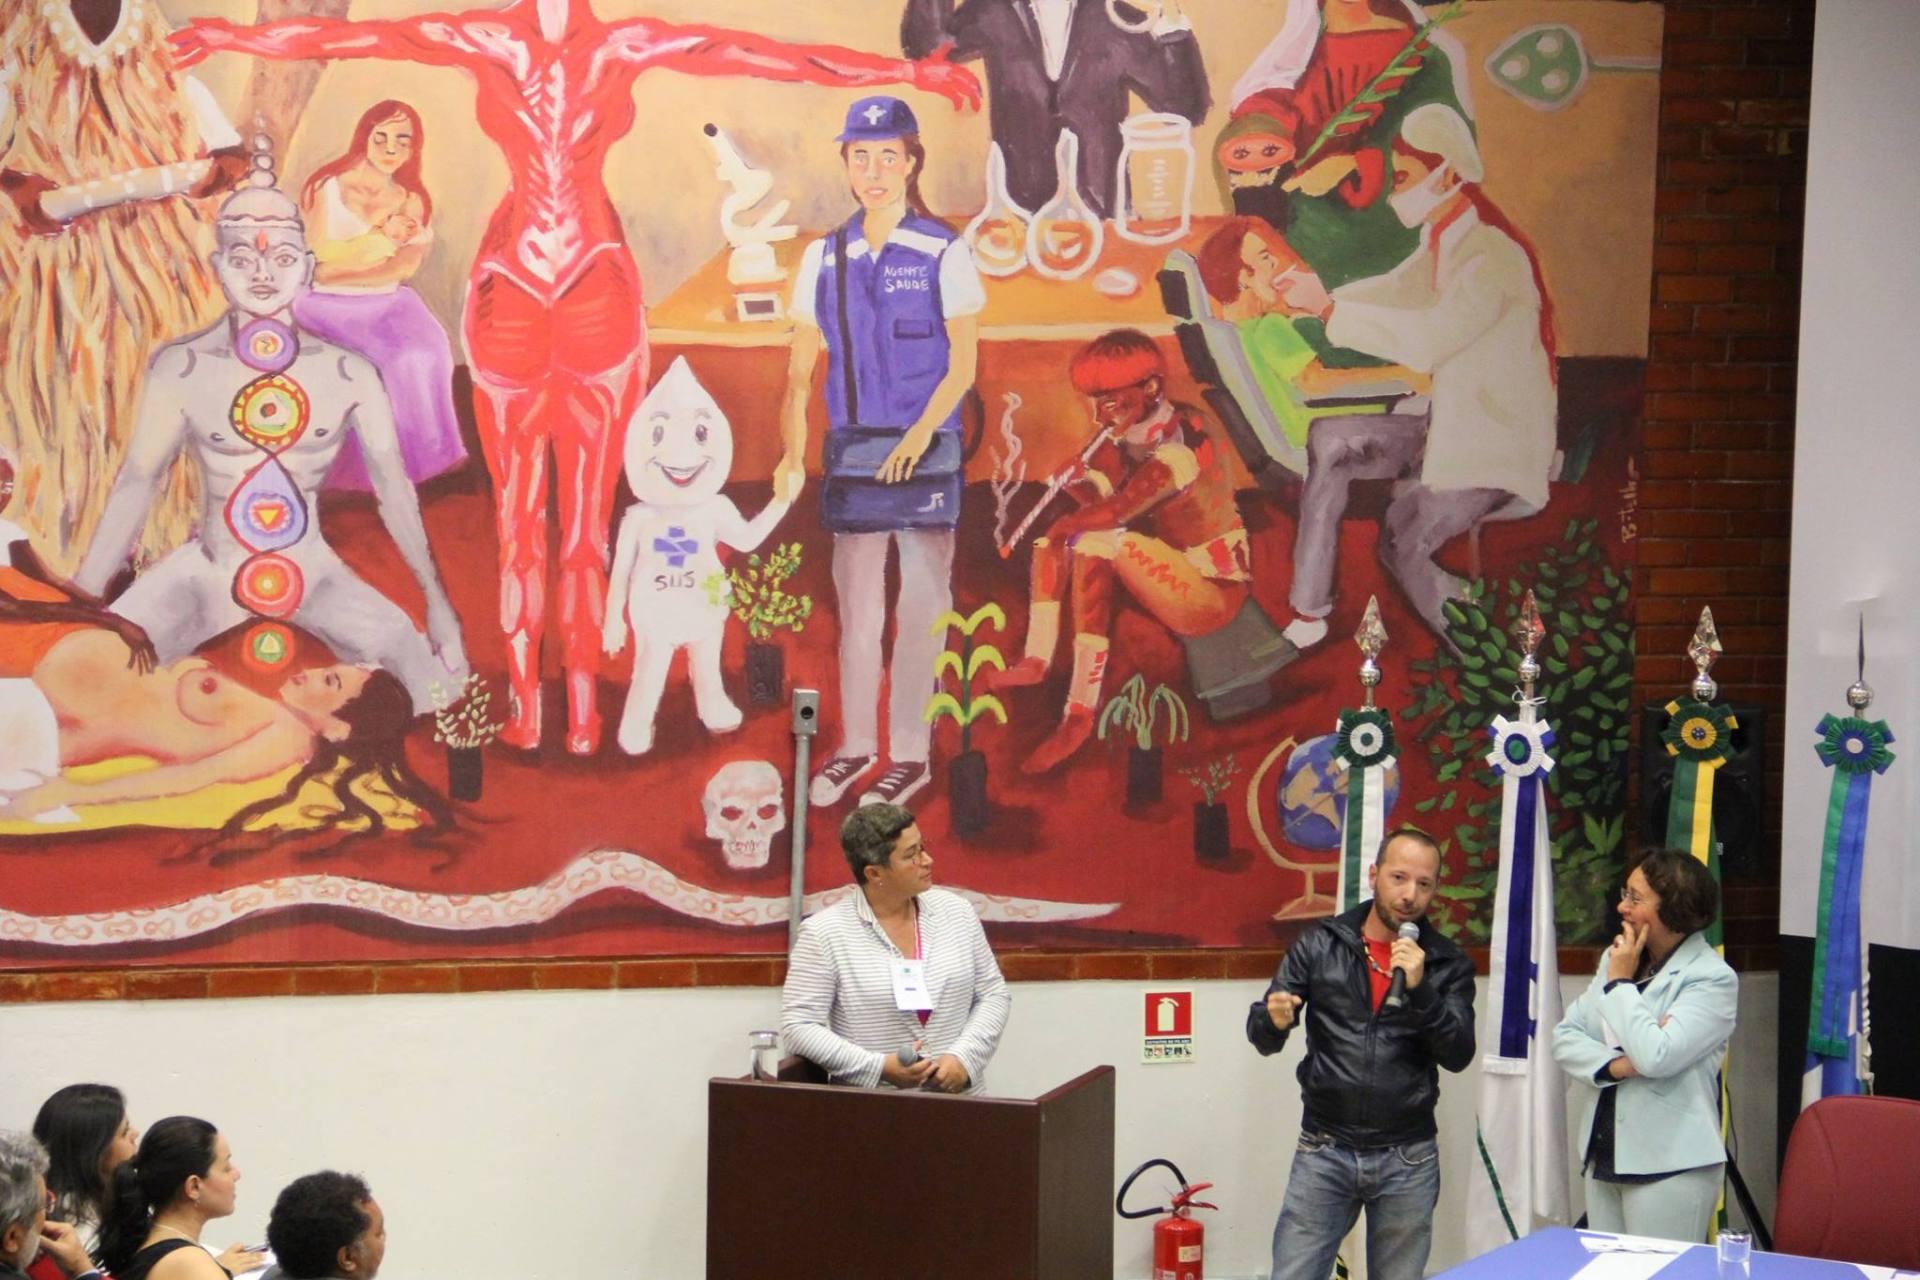 Dia de abertura do SIPIC - 1o Simpósio Internacional de Práticas Integrativas e Complementares Baseadas em Evidências , ocasião onde o painel foi apresentado ao público.